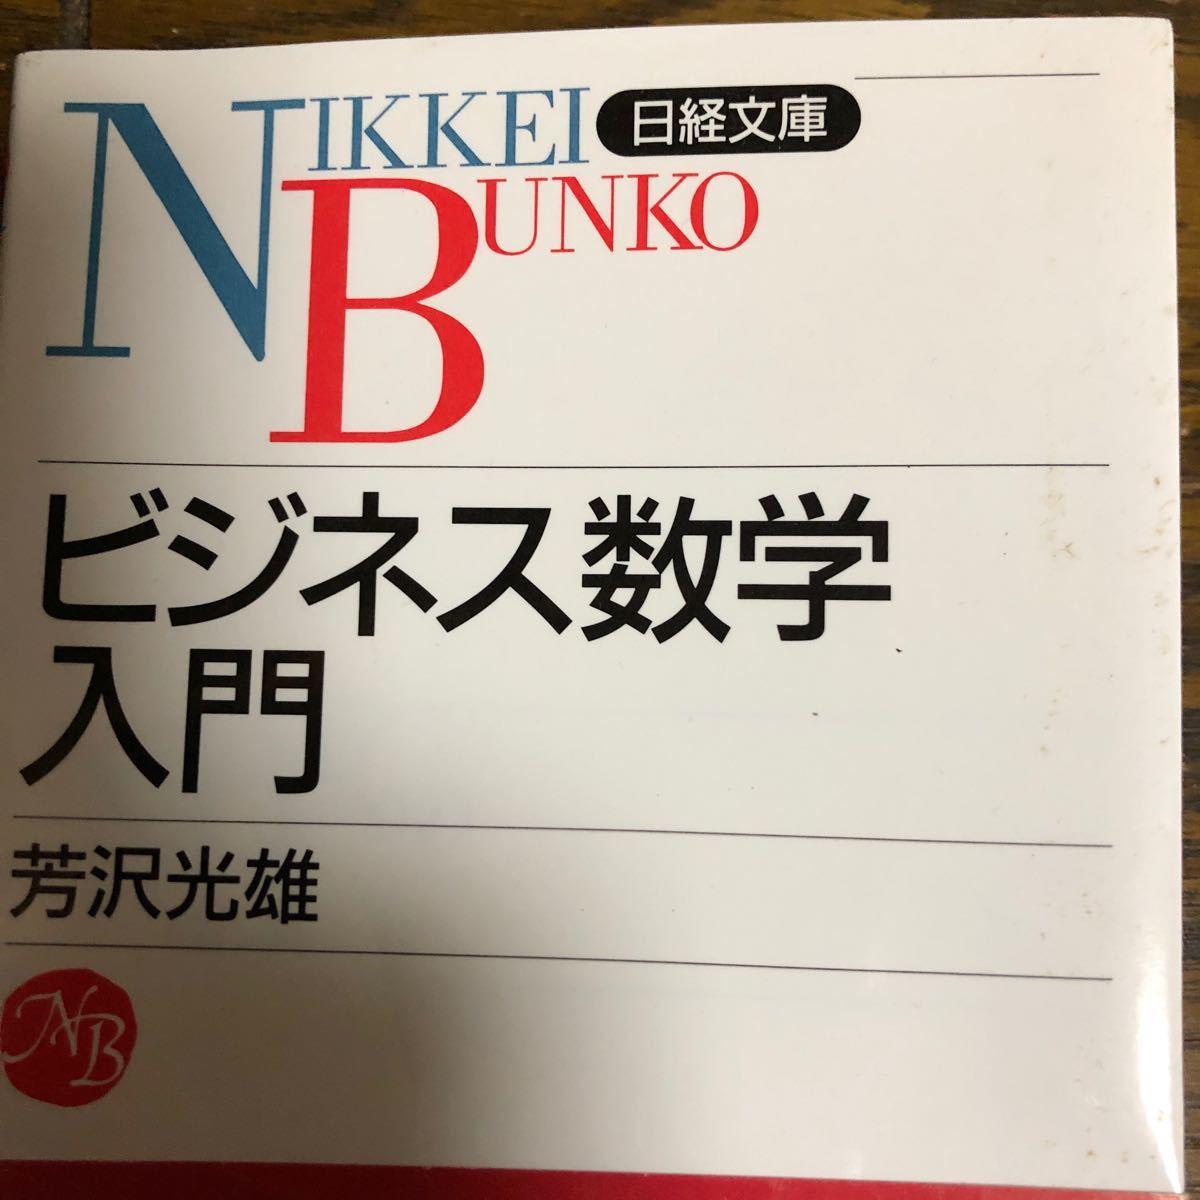 ビジネス数学入門/芳沢光雄